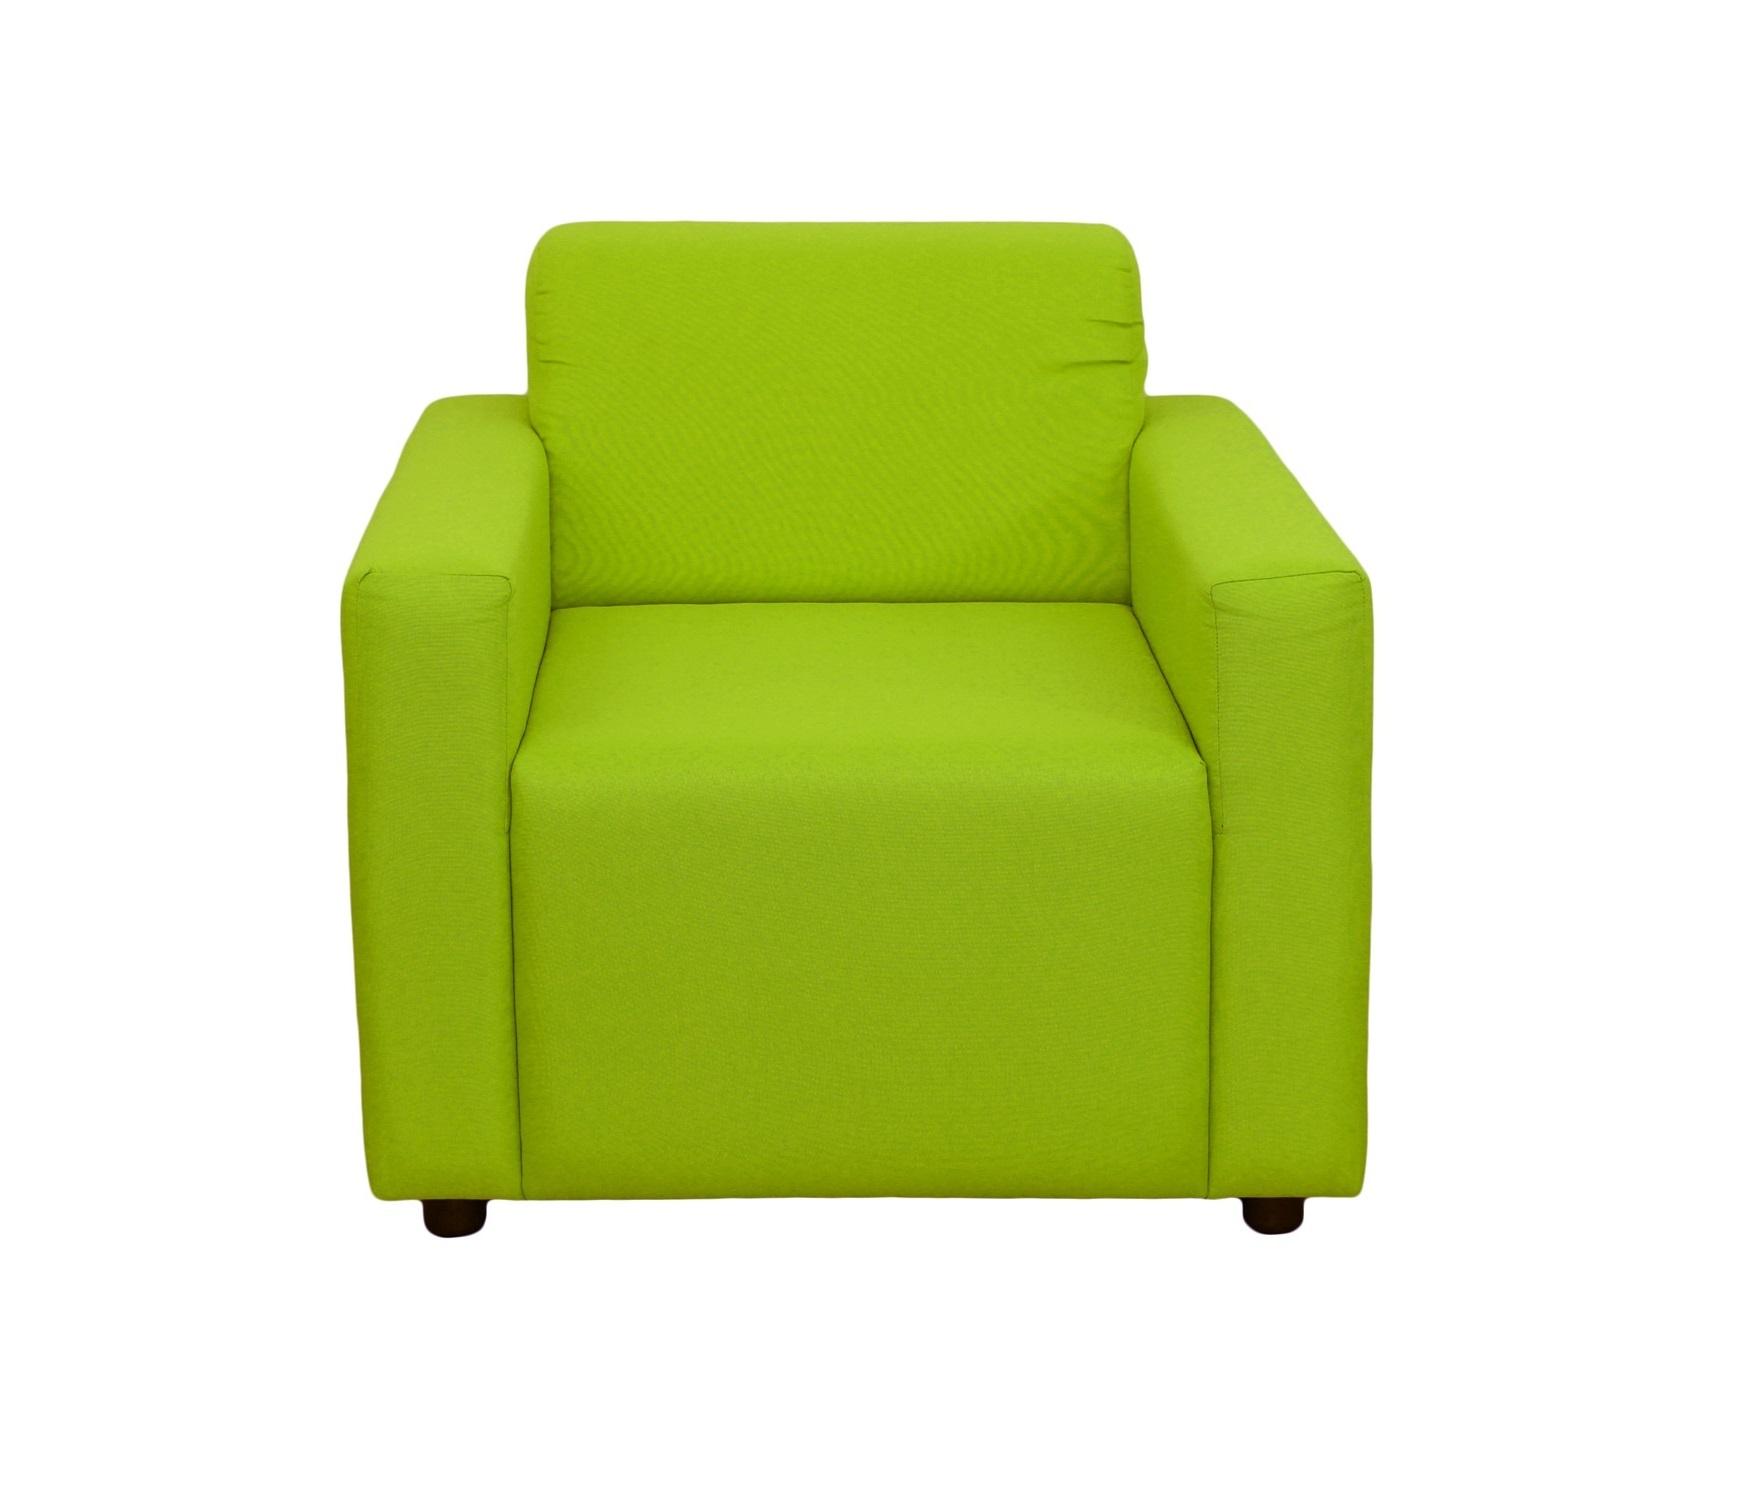 КреслоИнтерьерные кресла<br>Каркасное  кресло оригинального дизайна станет не только выделяющимся, но и комфортным акцентом в вашем интрерьере. Кресло статнет незаменимым предметом декора или функциональной мебелью . А эксклюзивные ткани добавят изюминку в ваше пространство.<br><br>Material: Текстиль<br>Length см: None<br>Width см: 80<br>Depth см: 75<br>Height см: 65